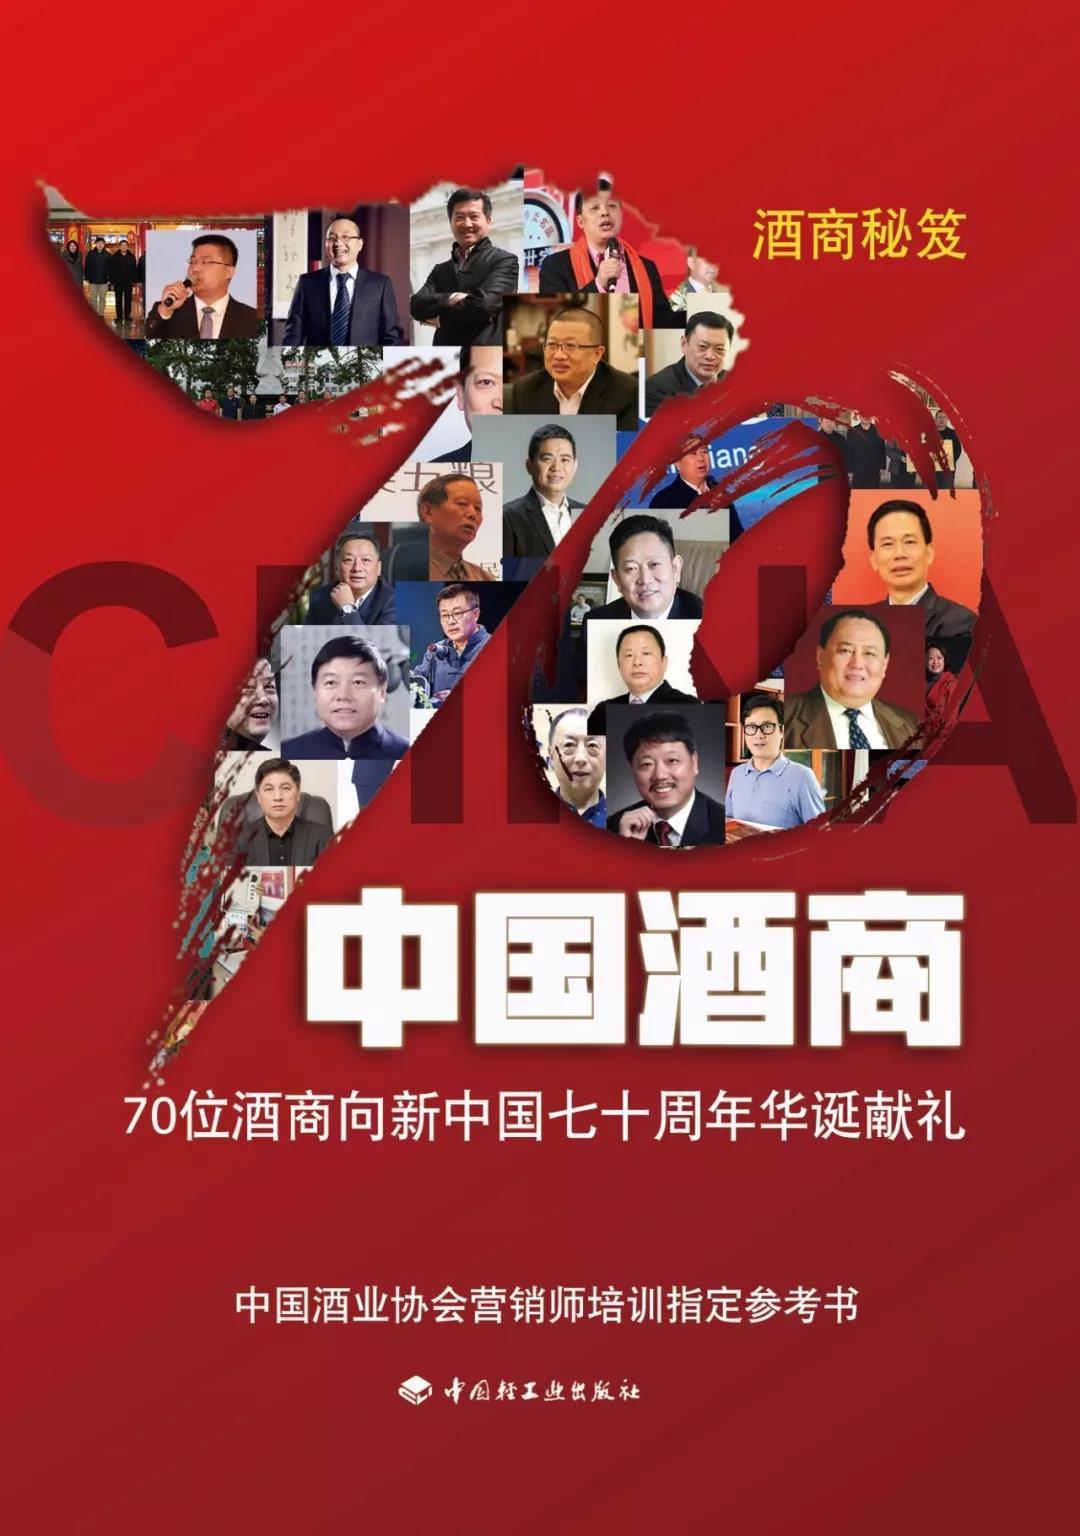 《中國酒商》系列連載(四)︱魏心東:茅臺,我是顧問團團長,我能賣到全國第一